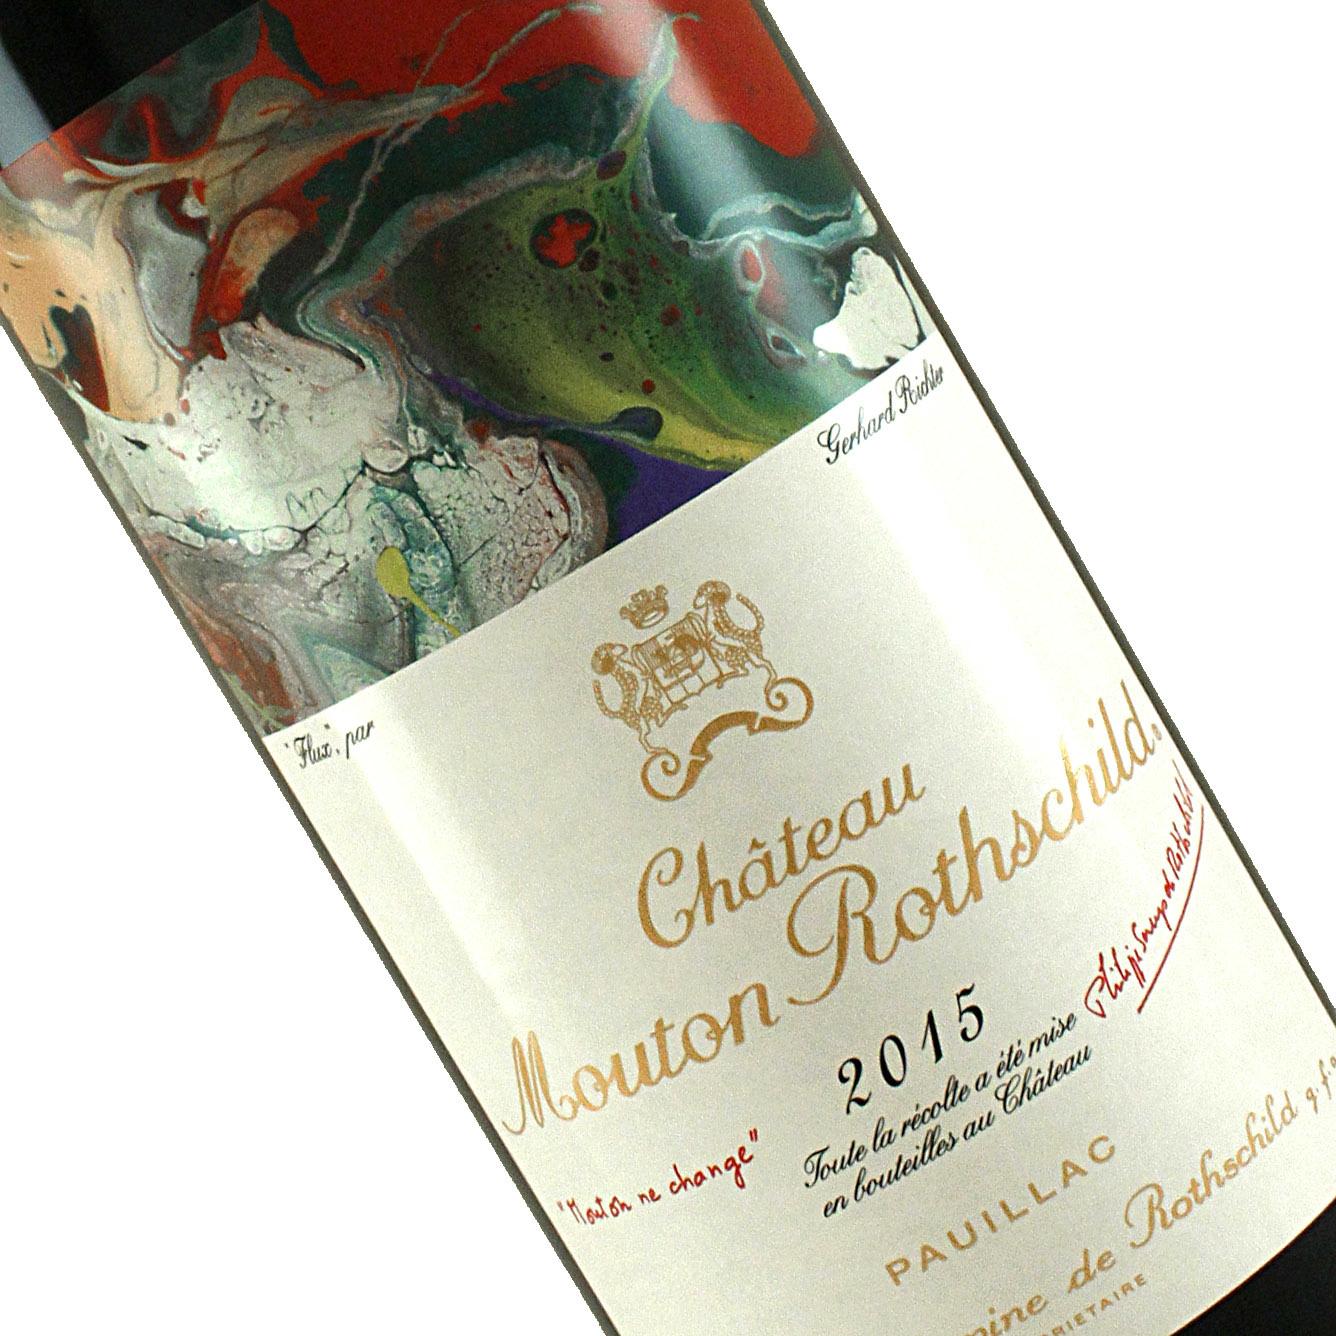 Chateau Mouton Rothschild 2015 Pauillac, Bordeaux